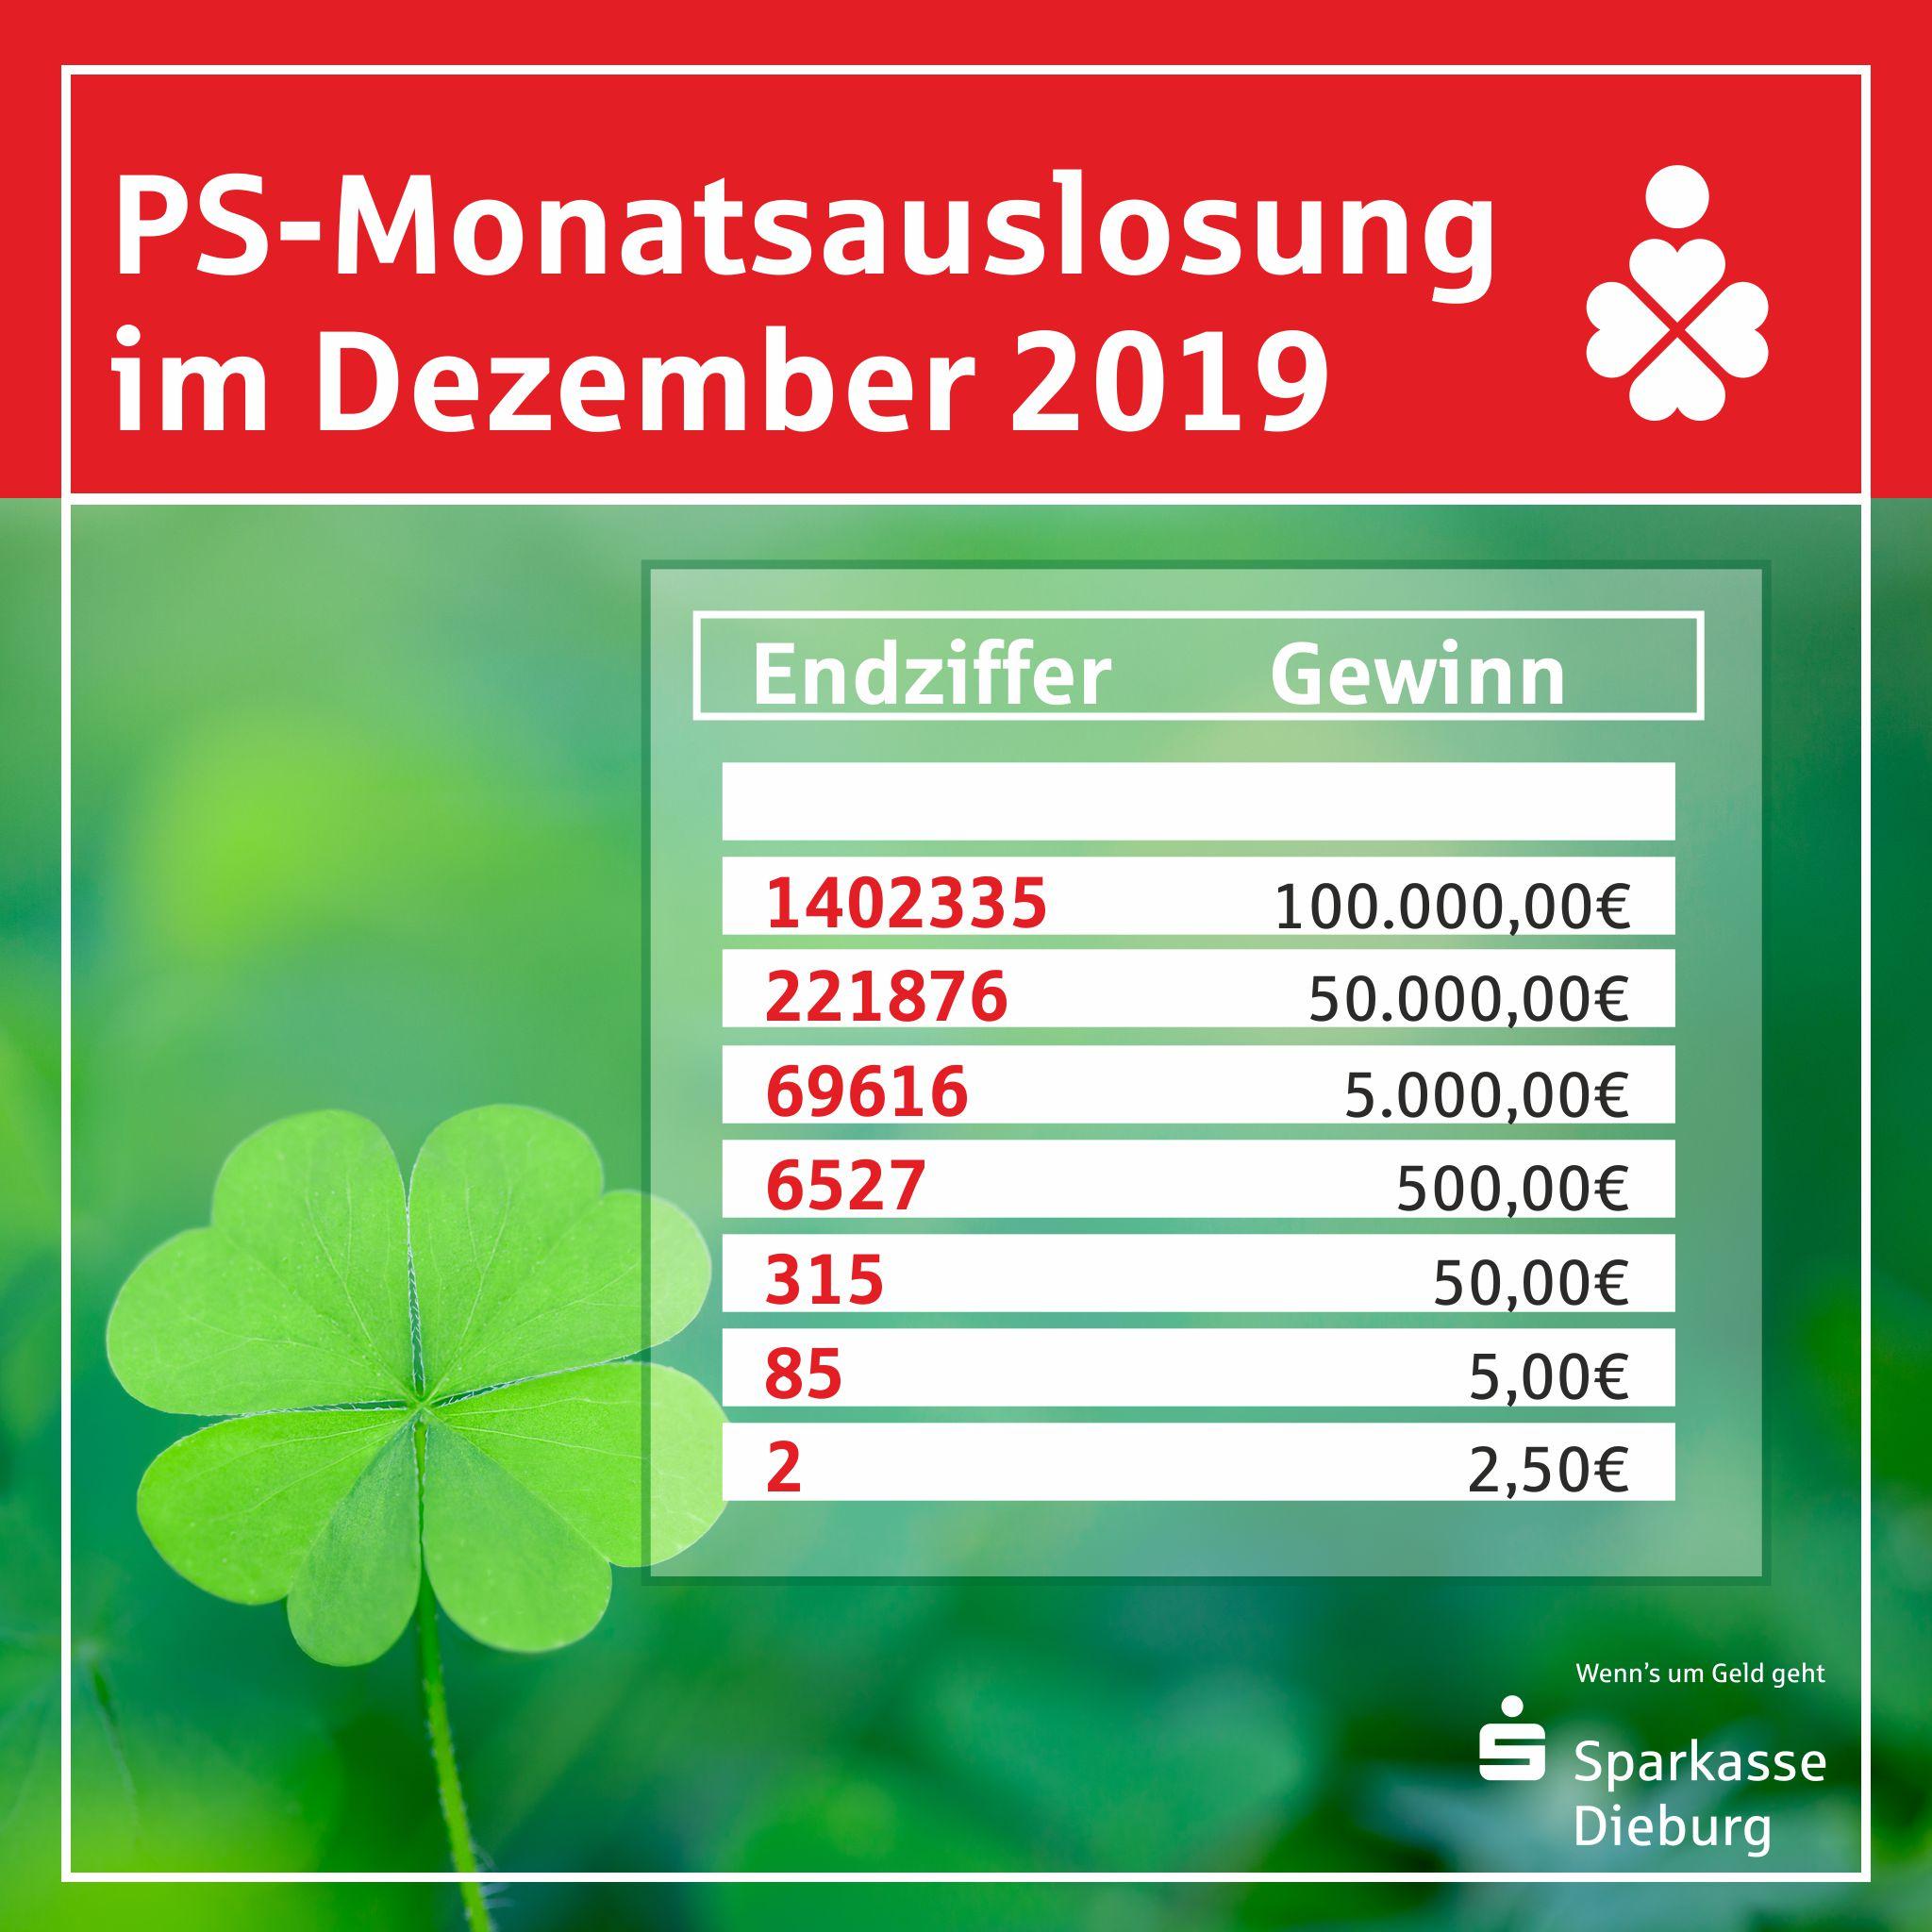 PS-Auslosung im Dezember